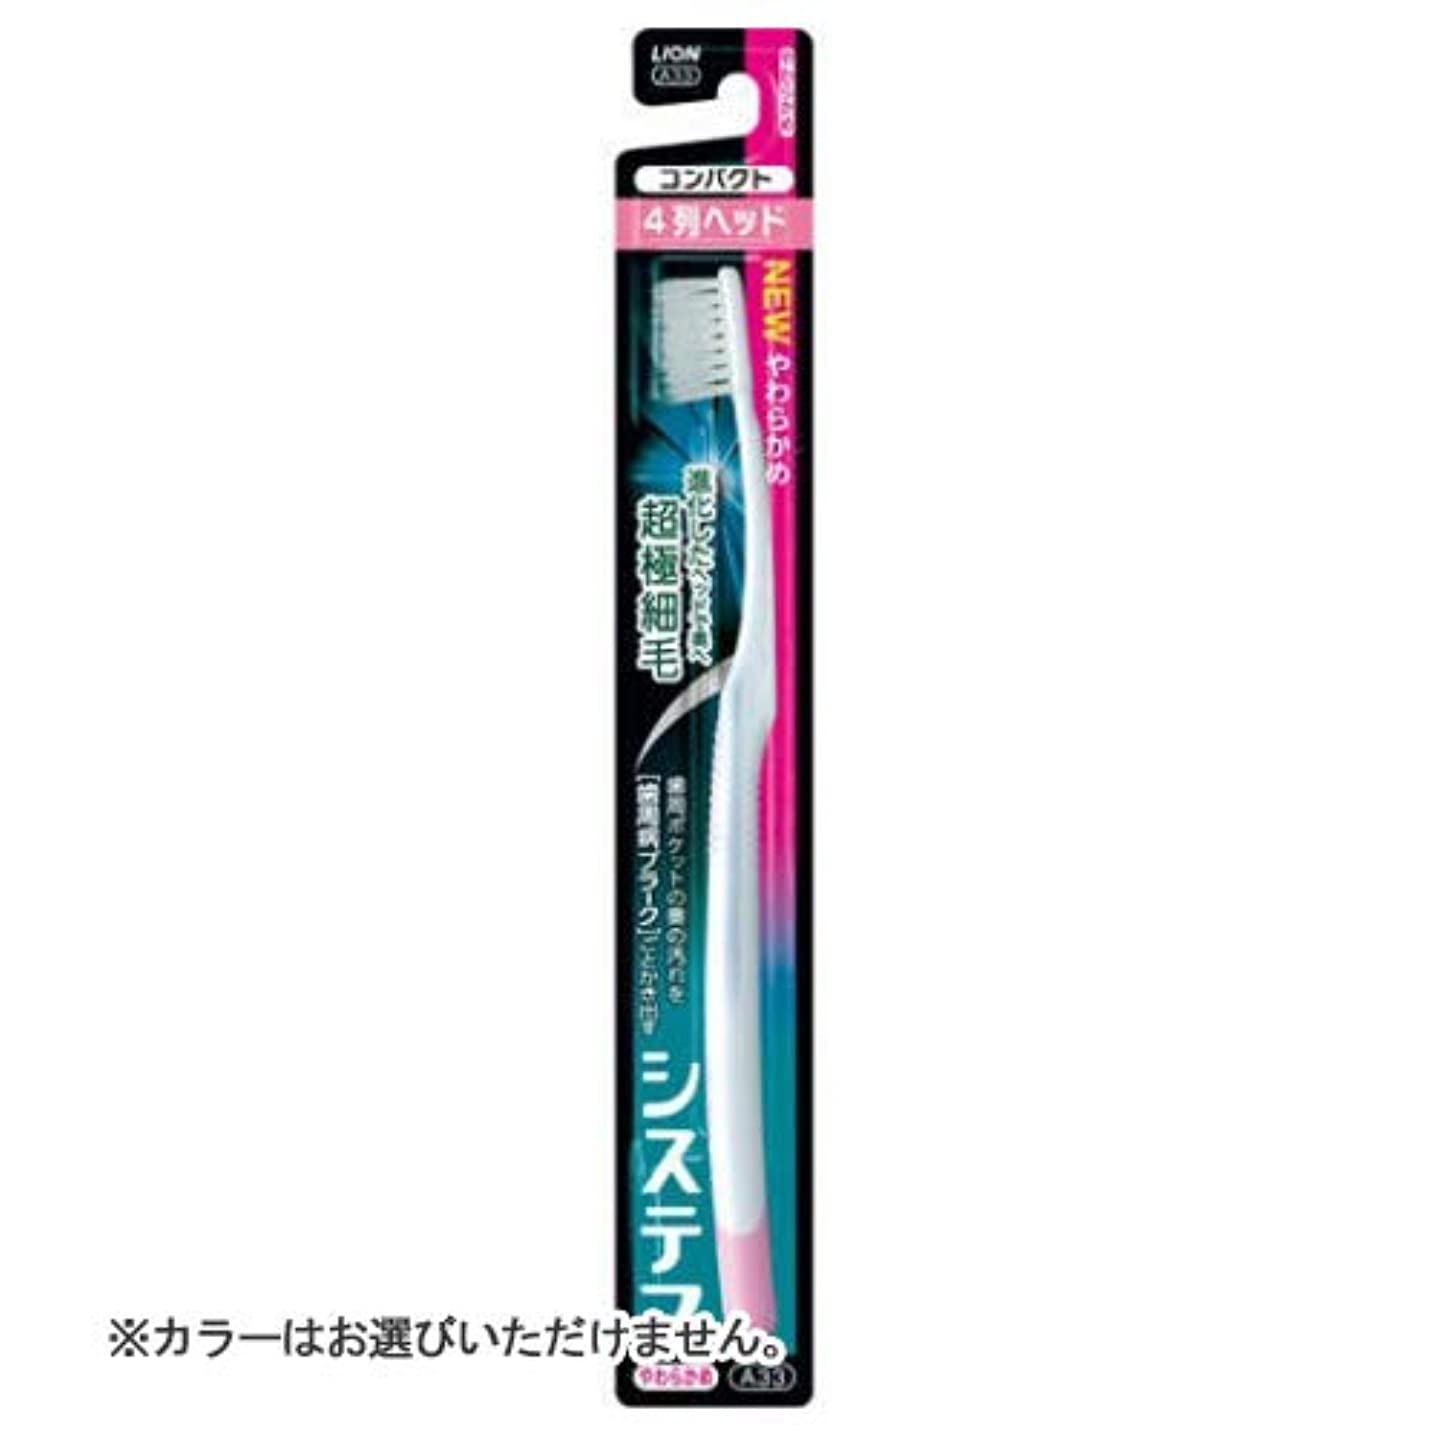 羨望描く想像力ライオン システマ ハブラシ コンパクト4列 やわらかめ (1本) 大人用 歯ブラシ